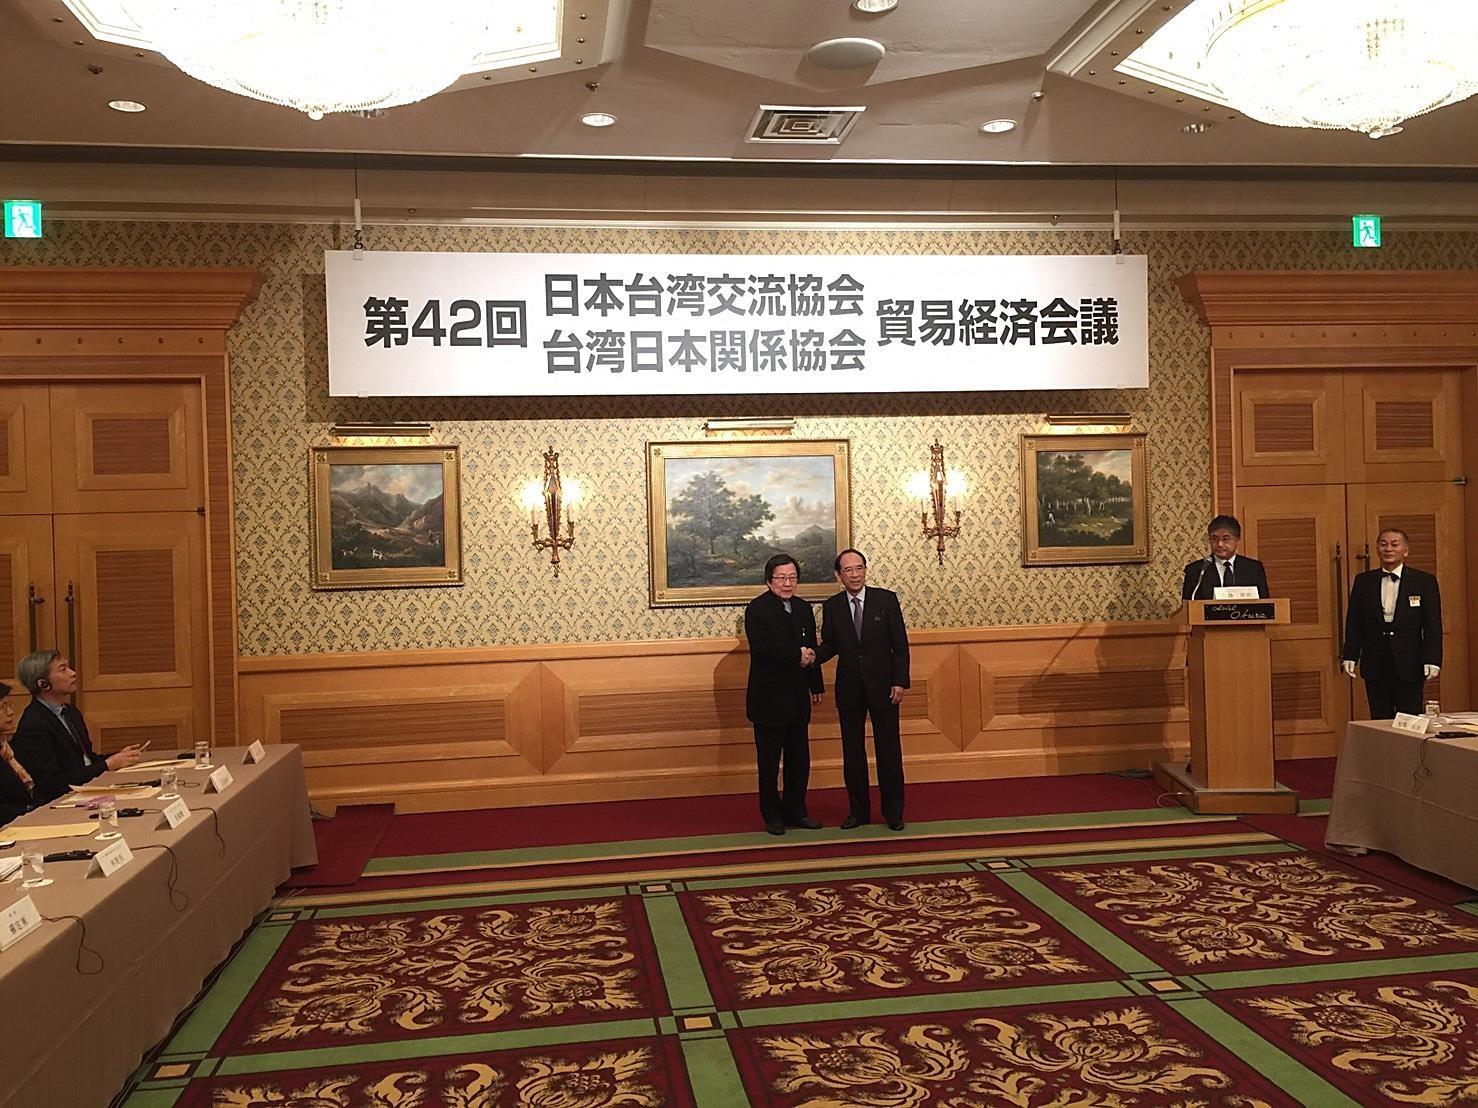 圖片來源:台灣日本關係協會